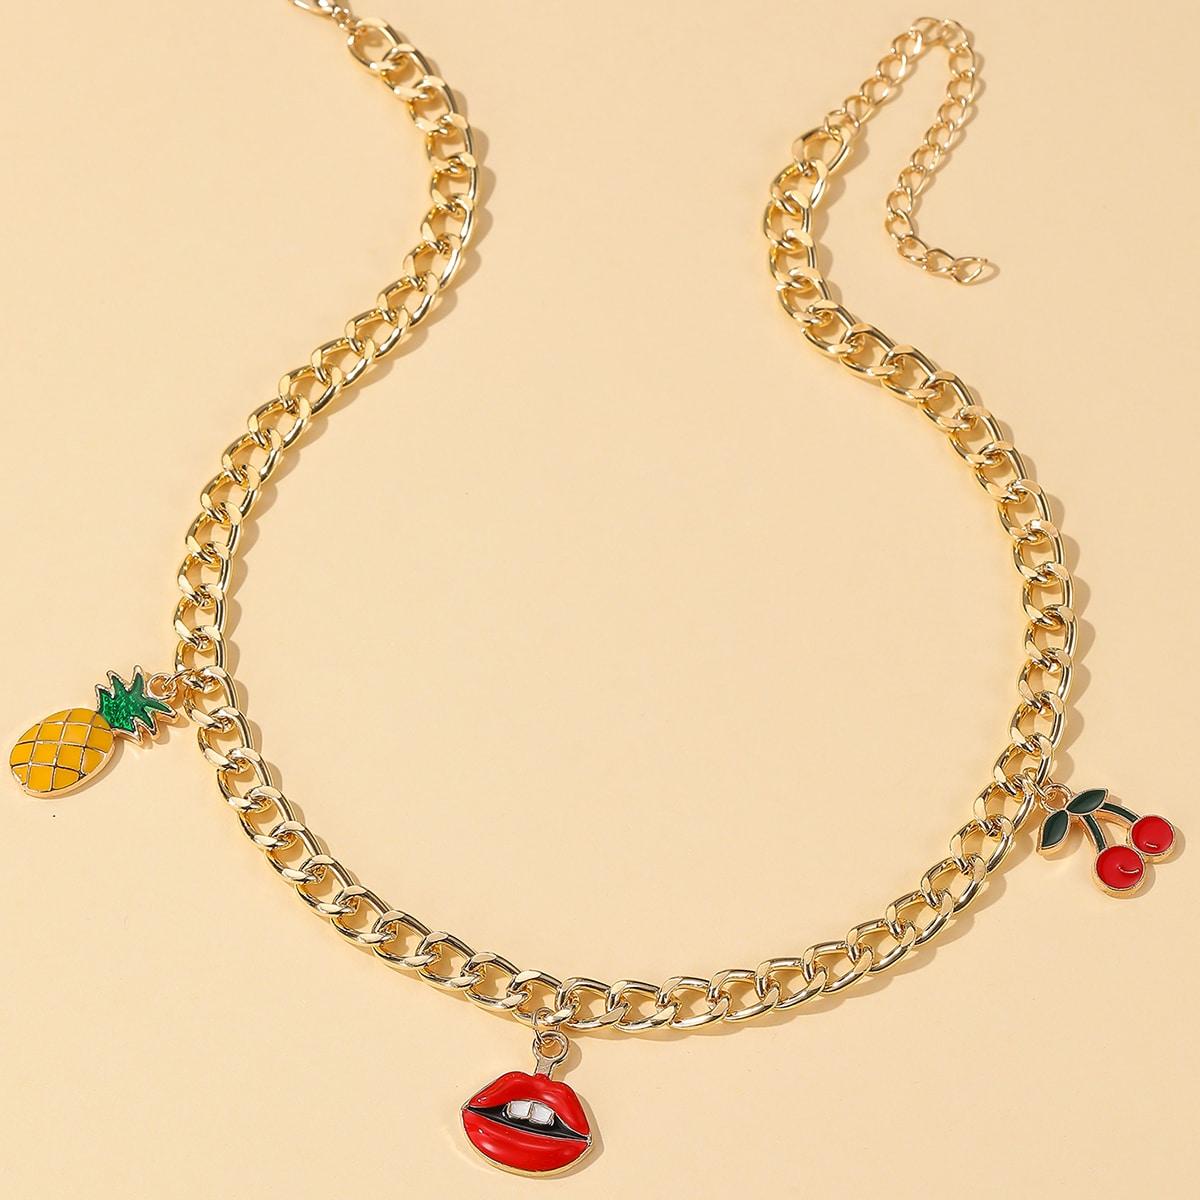 SHEIN / Halskette mit Kirschen Dekor